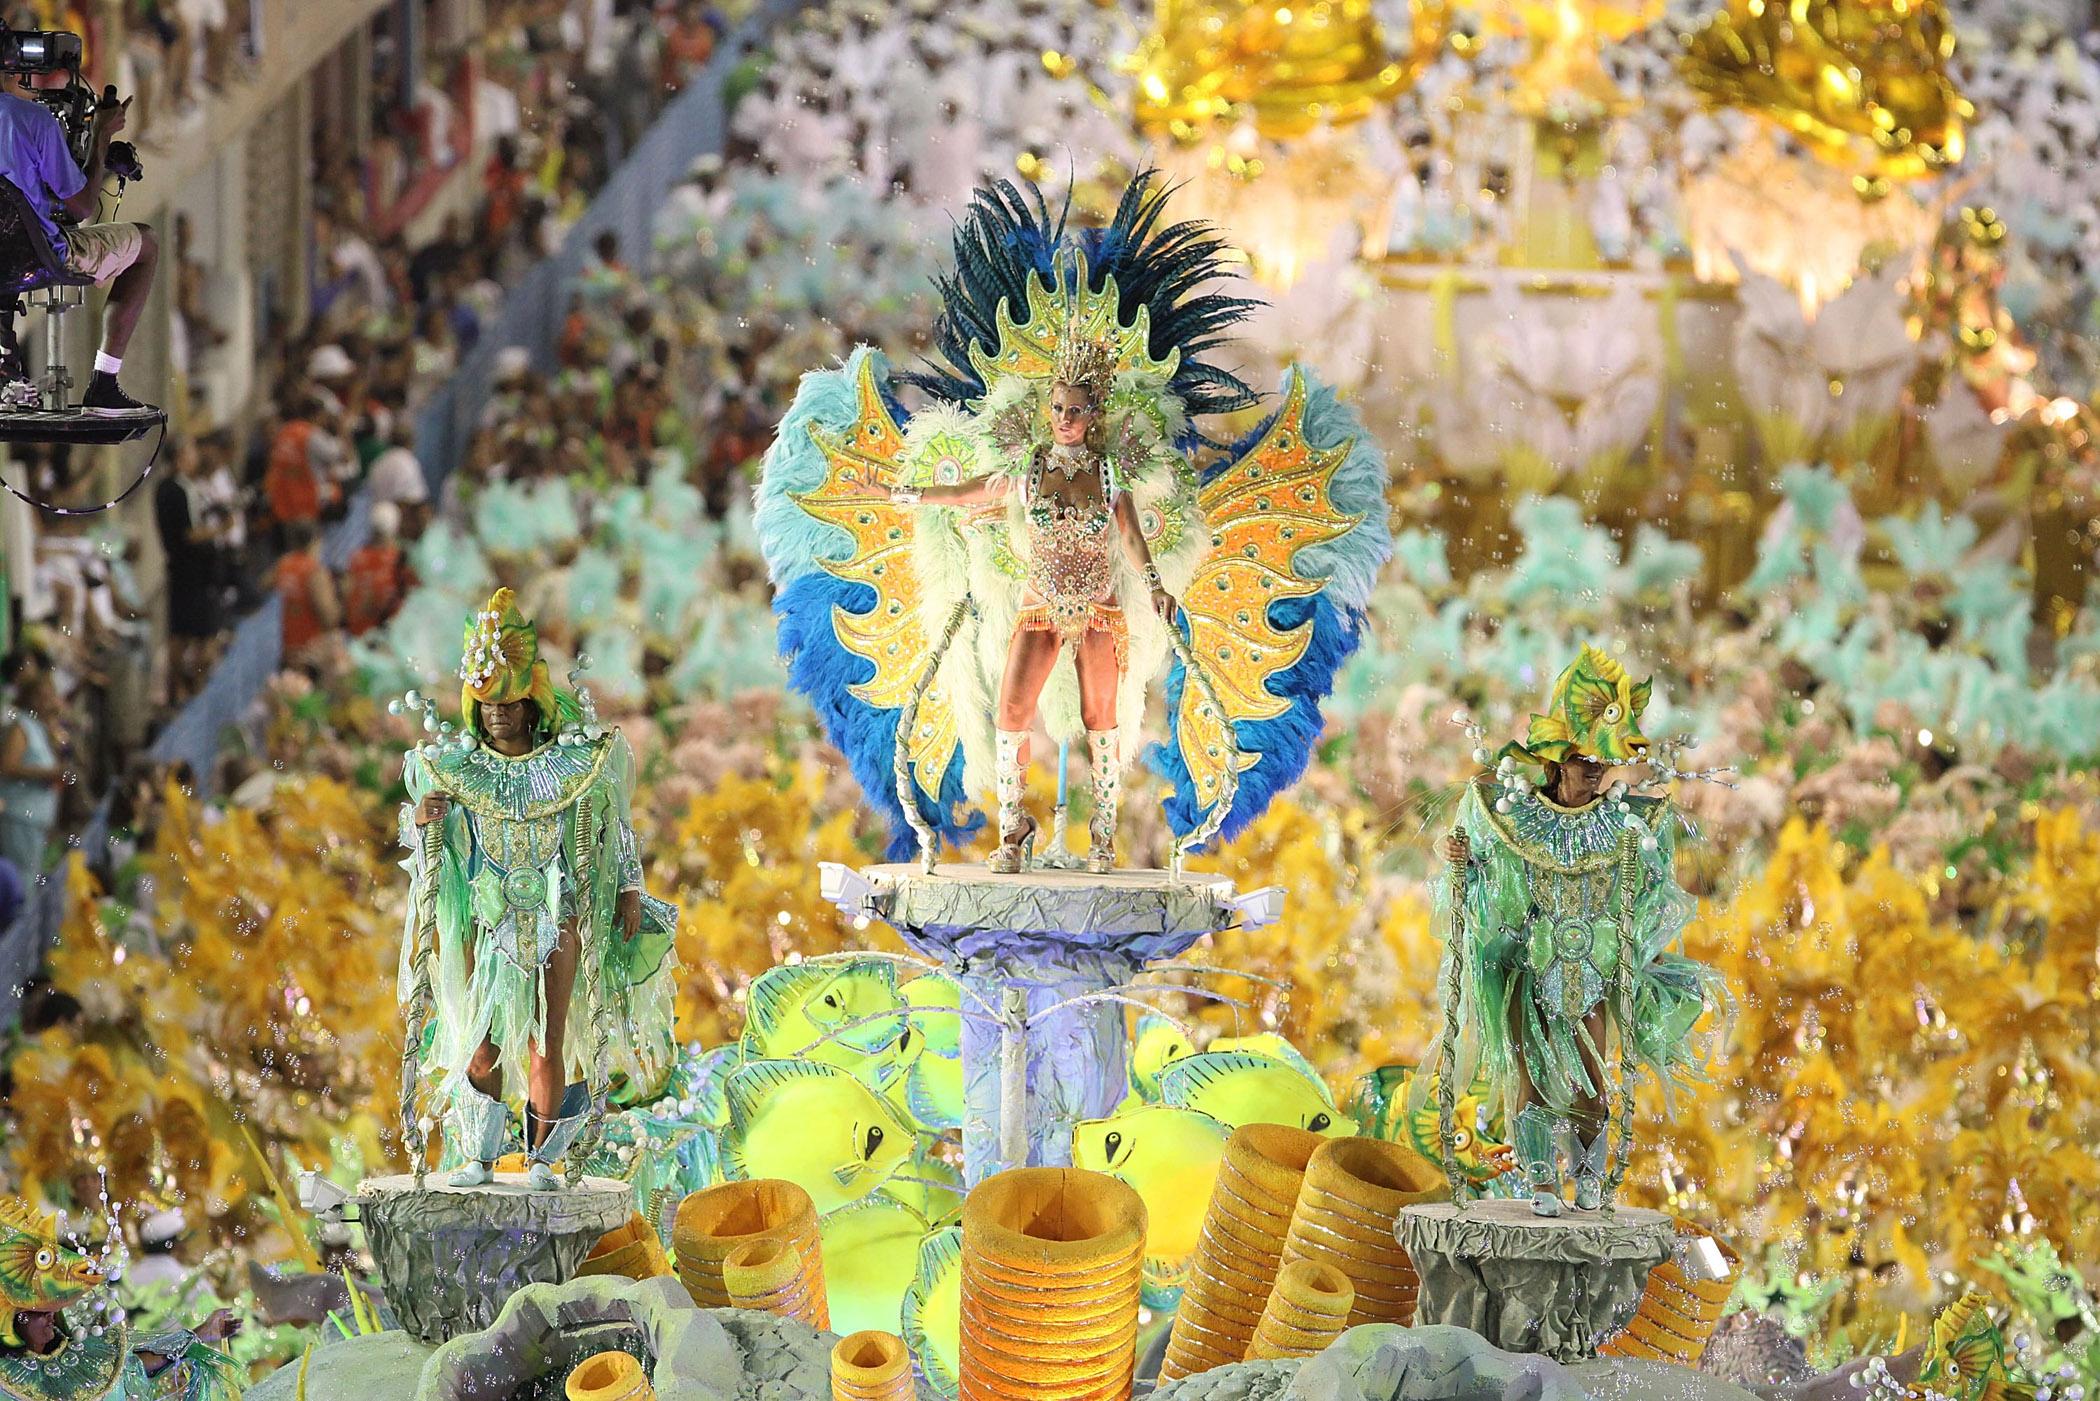 Los Mejores Carnavales Del Mundo - Carnavales-del-mundo